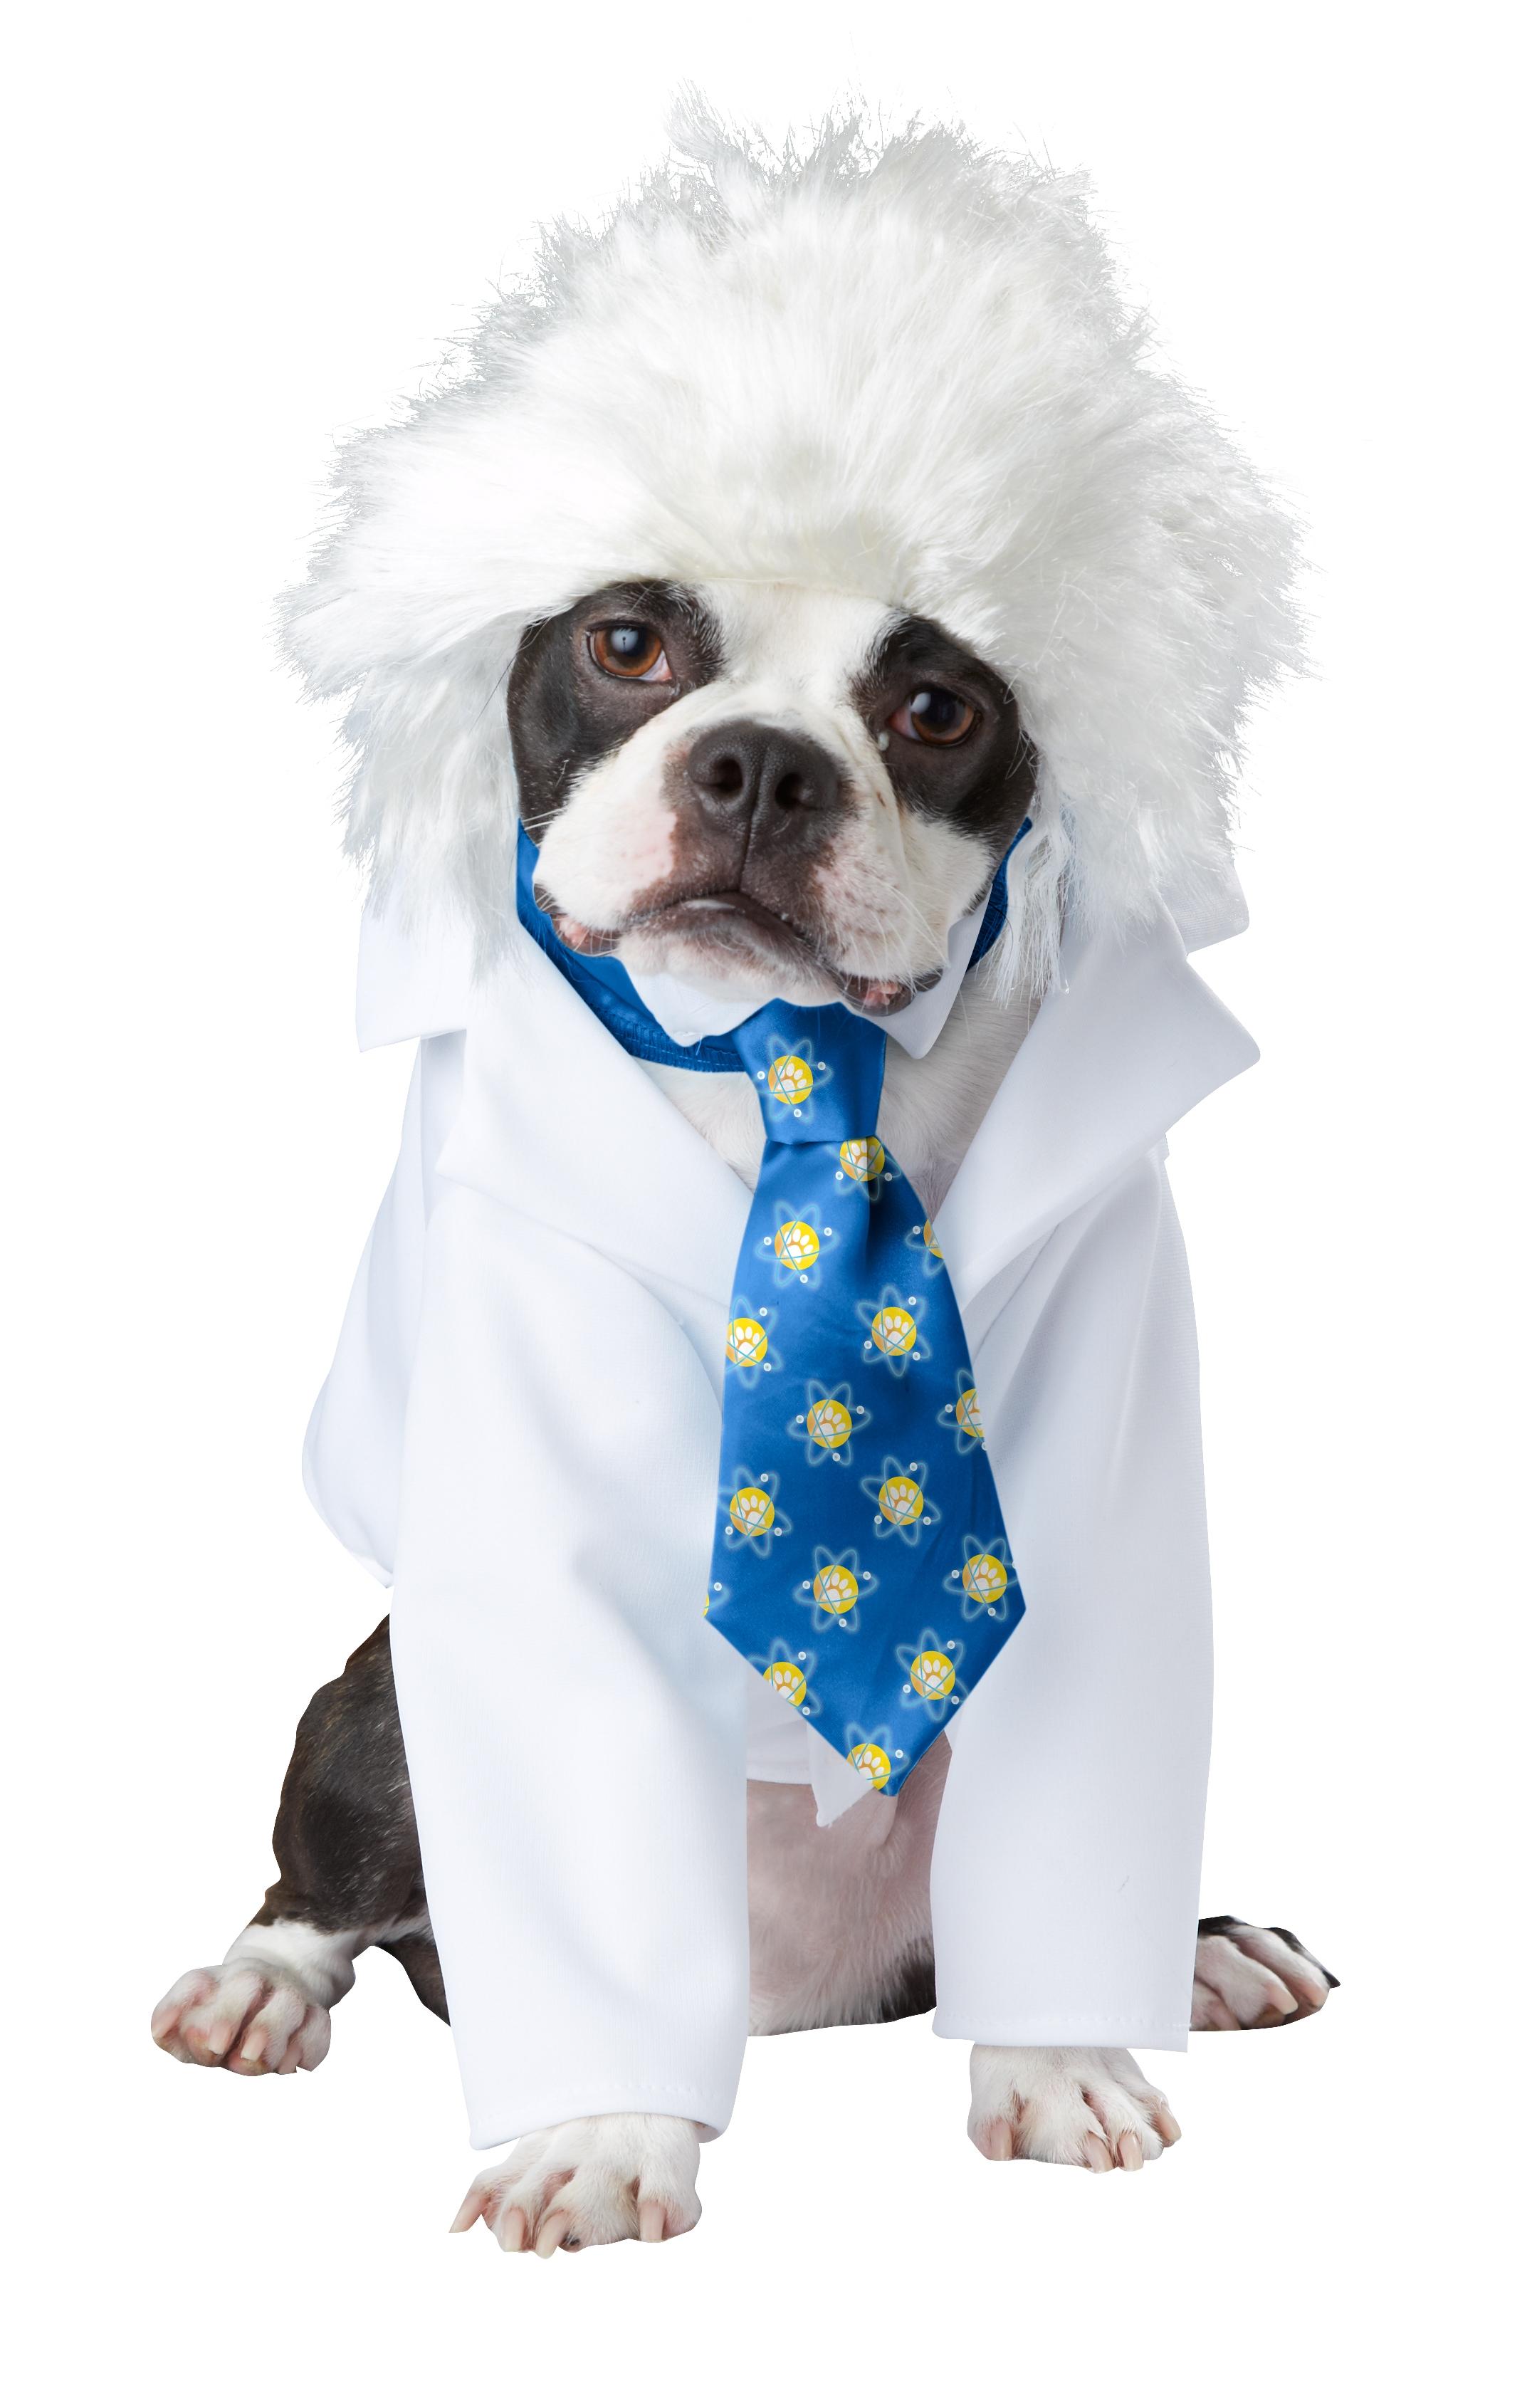 костюм для собачки картинки склонить немного